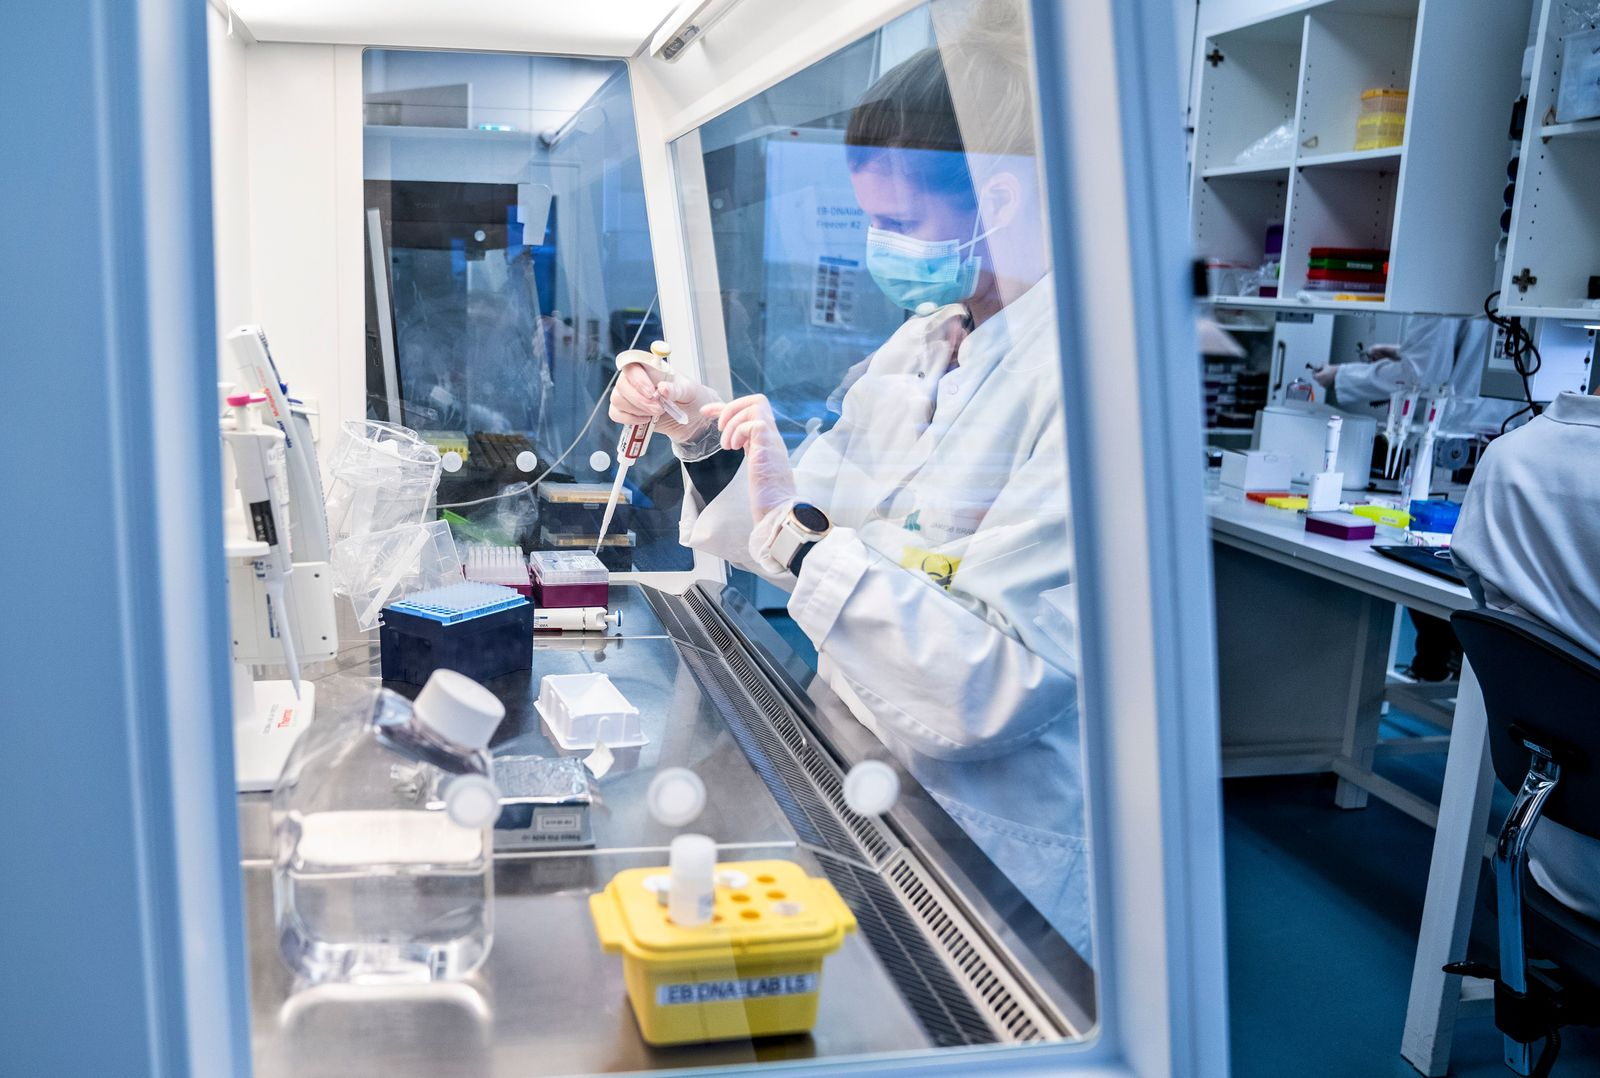 Denmark screening for coronavirus variant, Aalborg - 15 Jan 2021